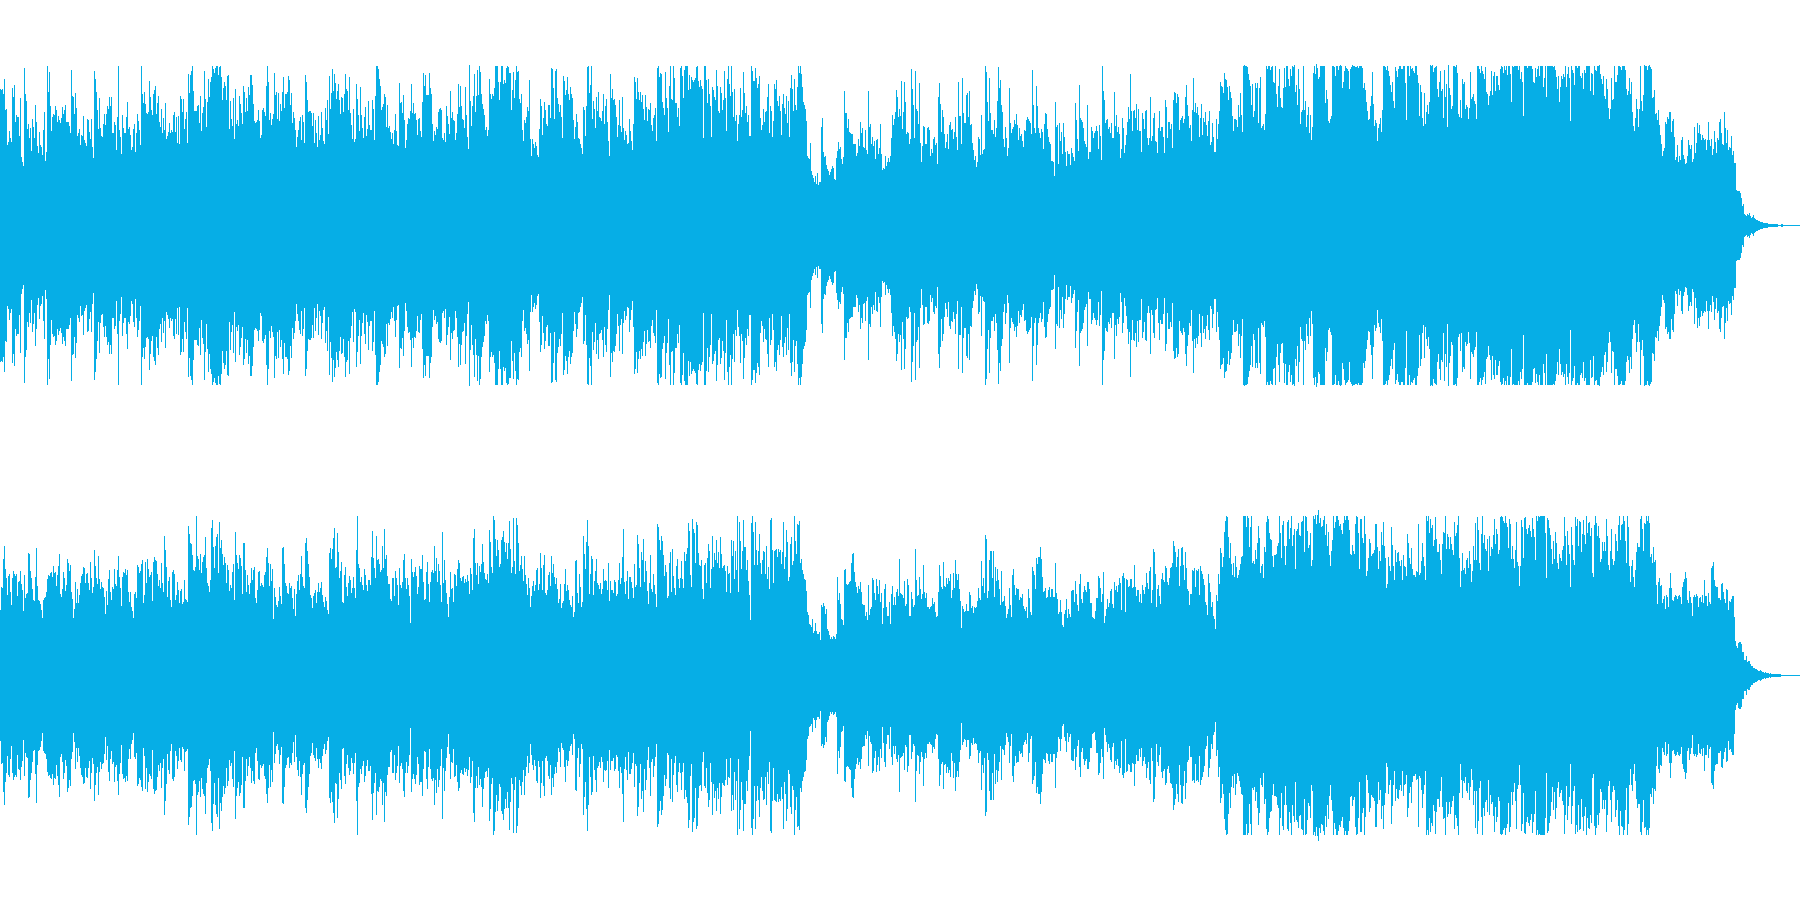 失恋や男女のすれ違いを連想させるピアノ曲の再生済みの波形